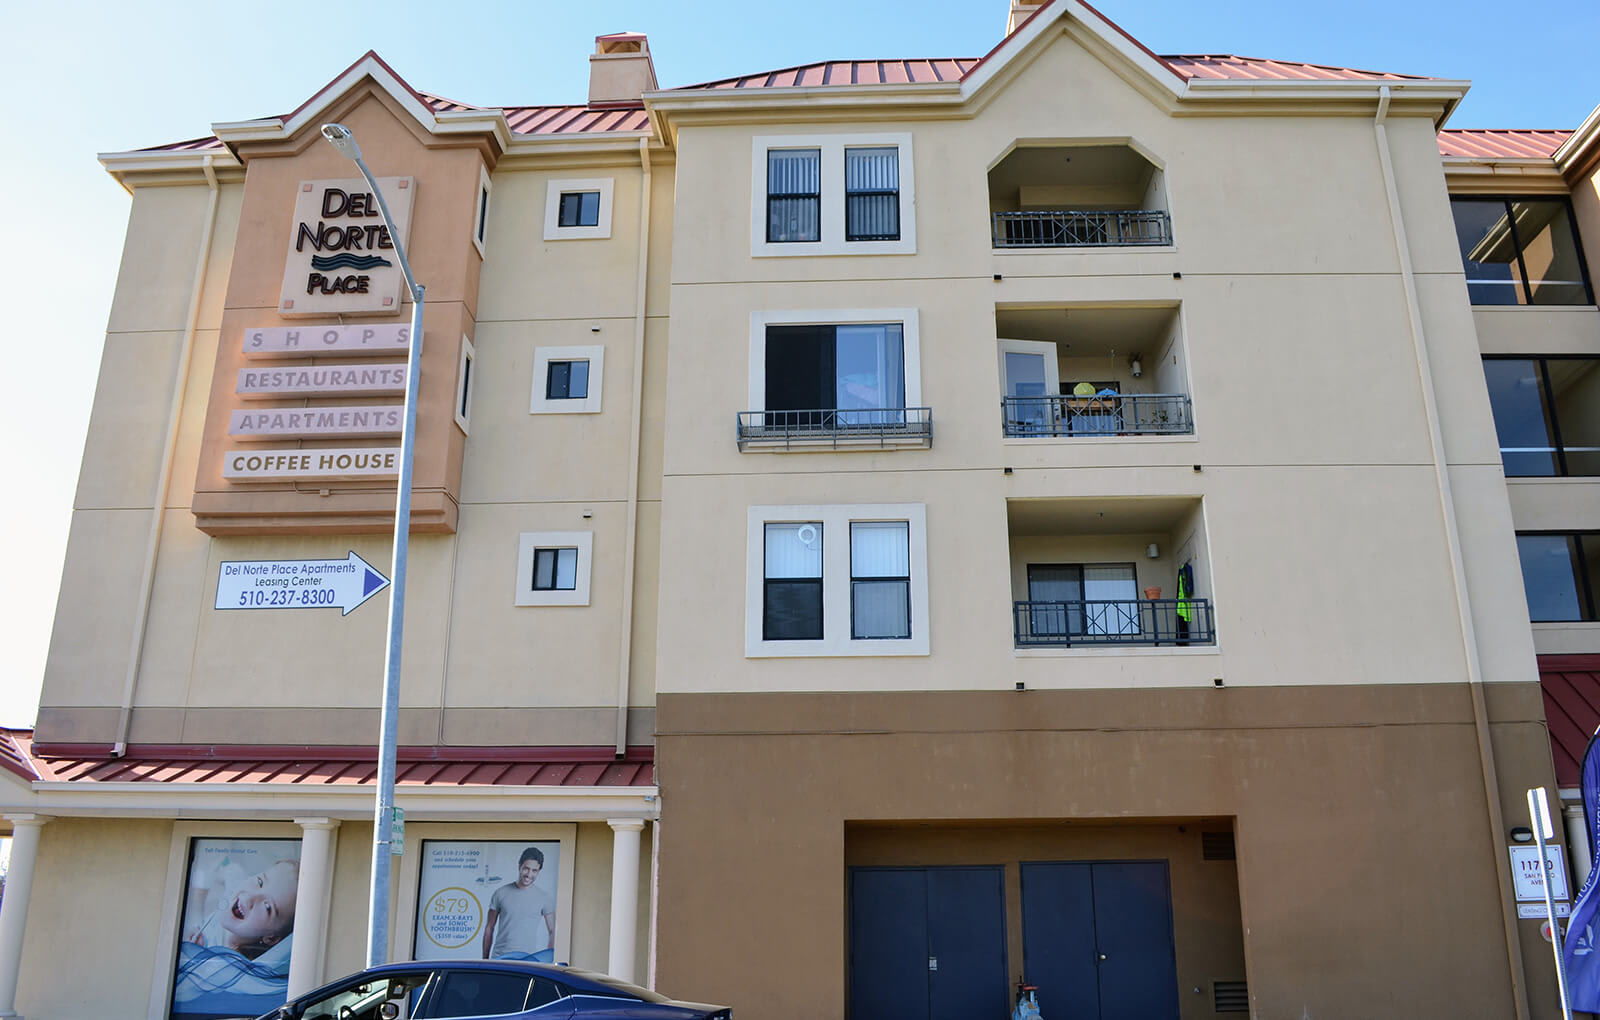 Building Exterior at Del Norte Place Apartments, CA, 94530